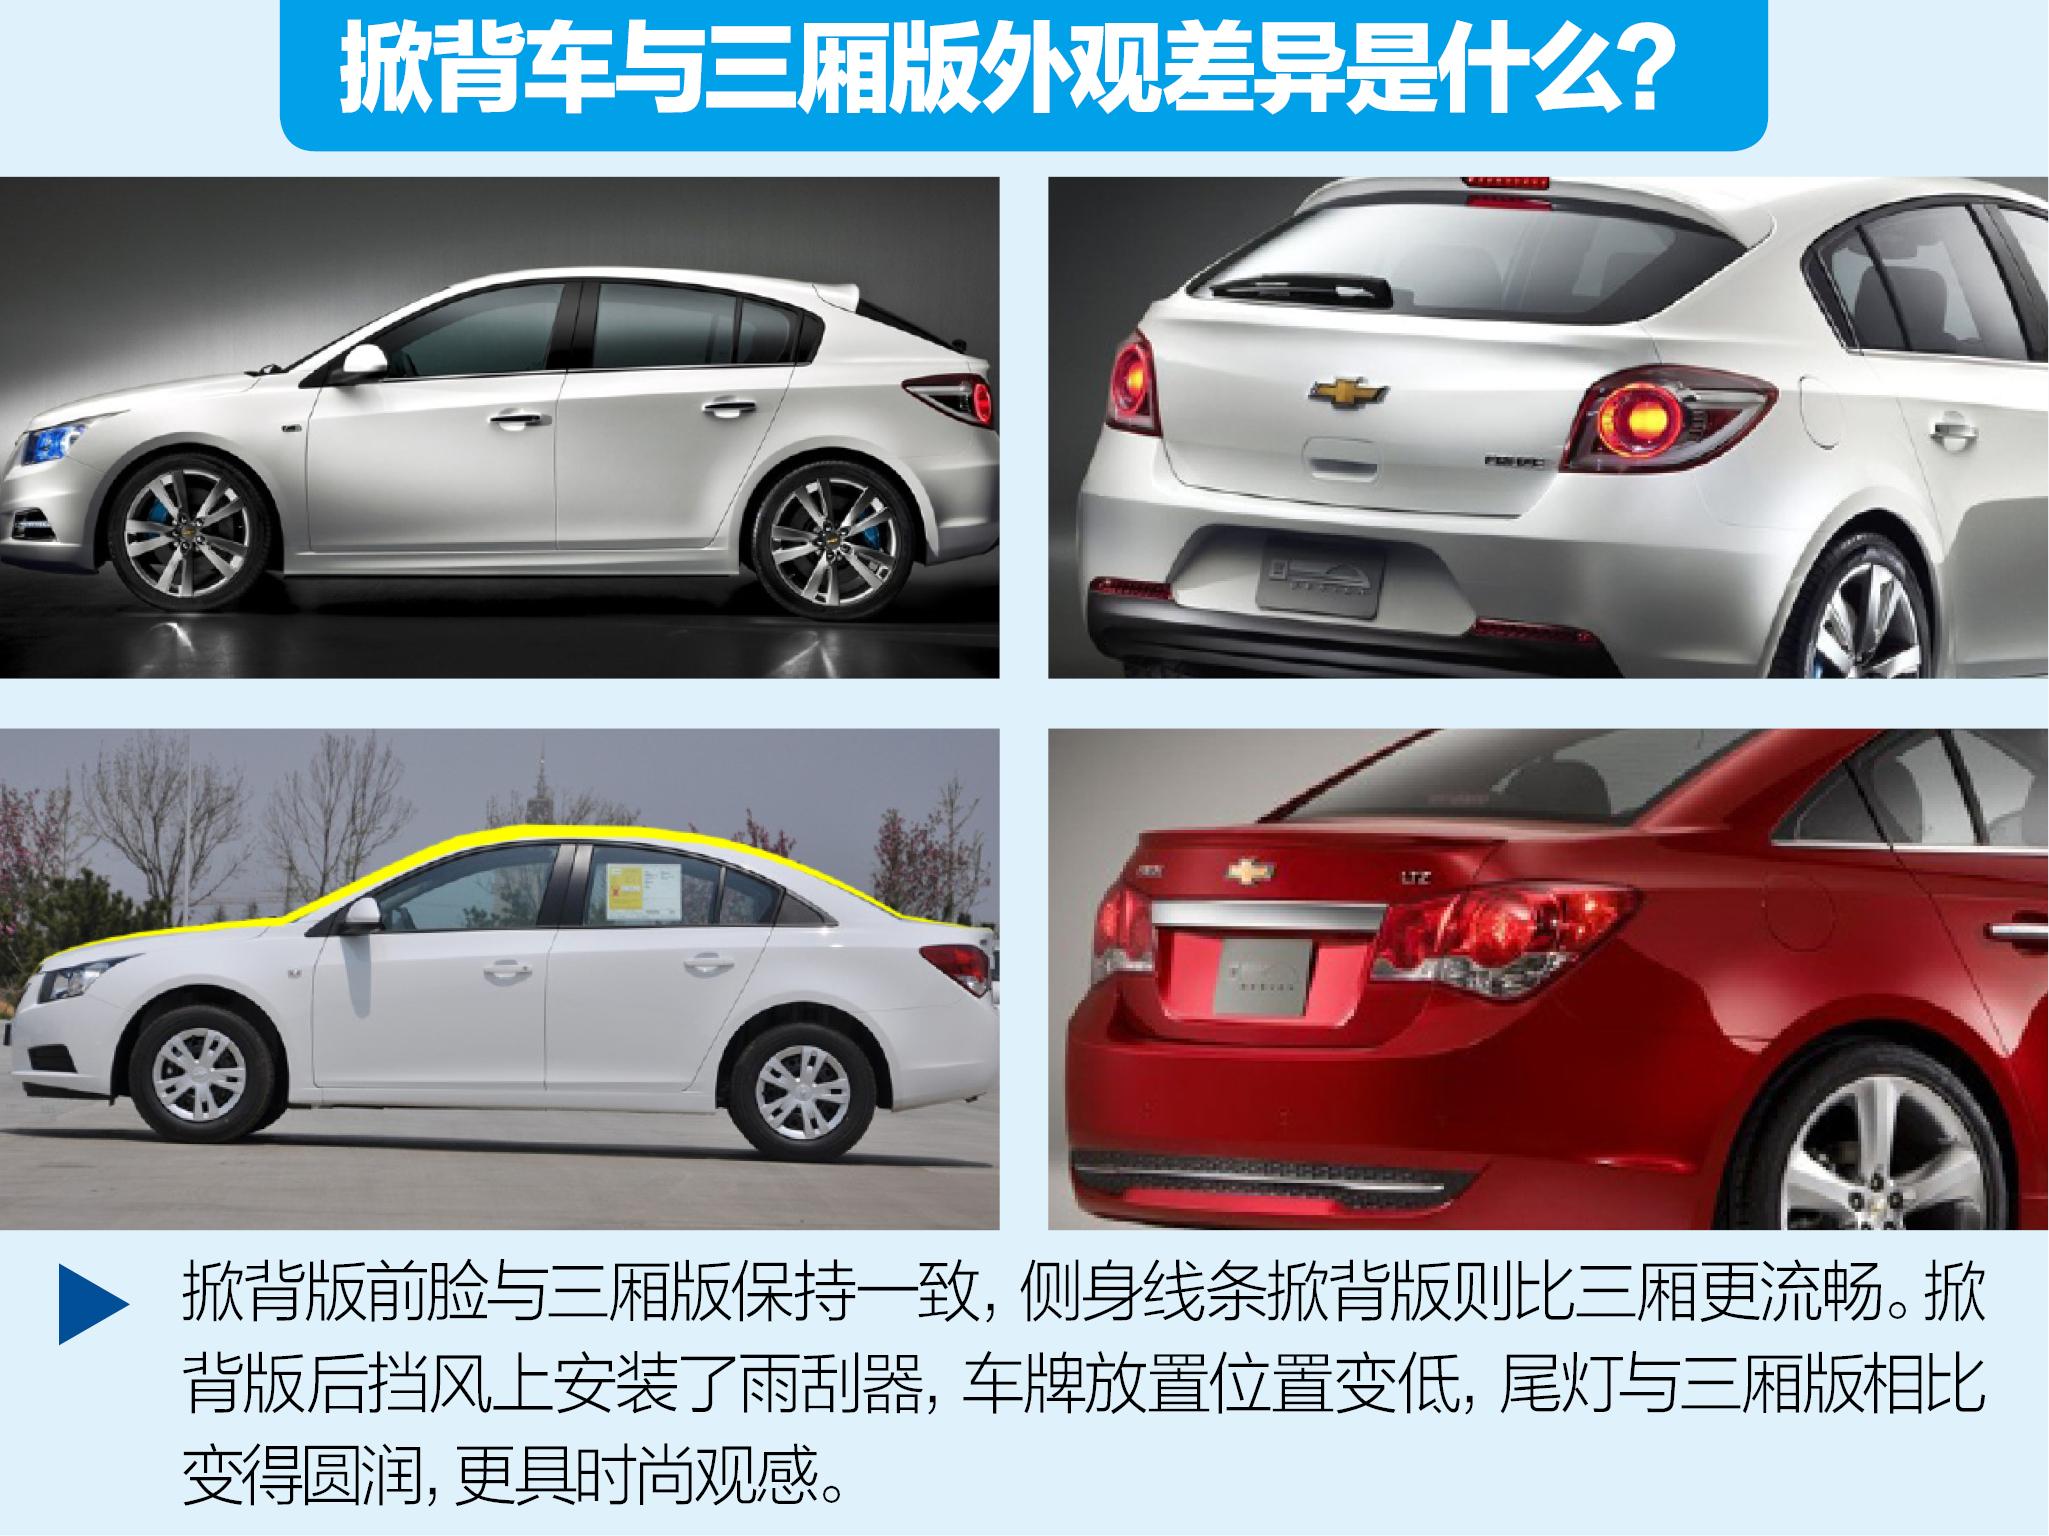 什么是两厢车和三厢车_掀背车是什么意思 三厢车和掀背车的区别-汽车